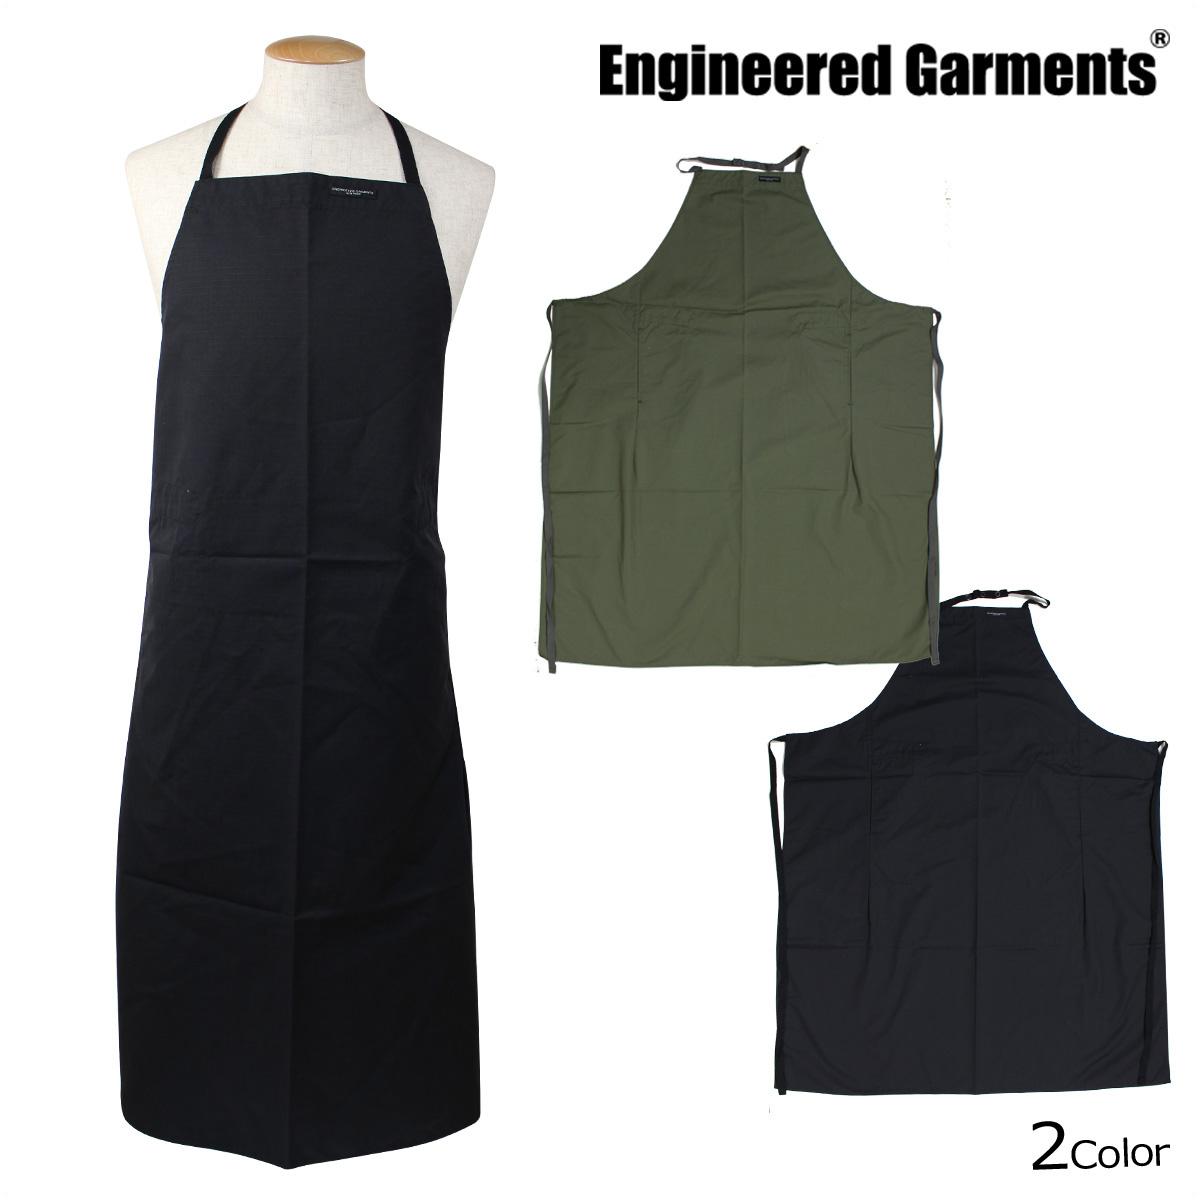 ENGINEERED GARMENTS エンジニアードガーメンツ エプロン 大きいサイズ レディース メンズ 無地 ロング 丈 NEW LONG APRON F7H0661 F7H0663 カーキ ブラック 黒